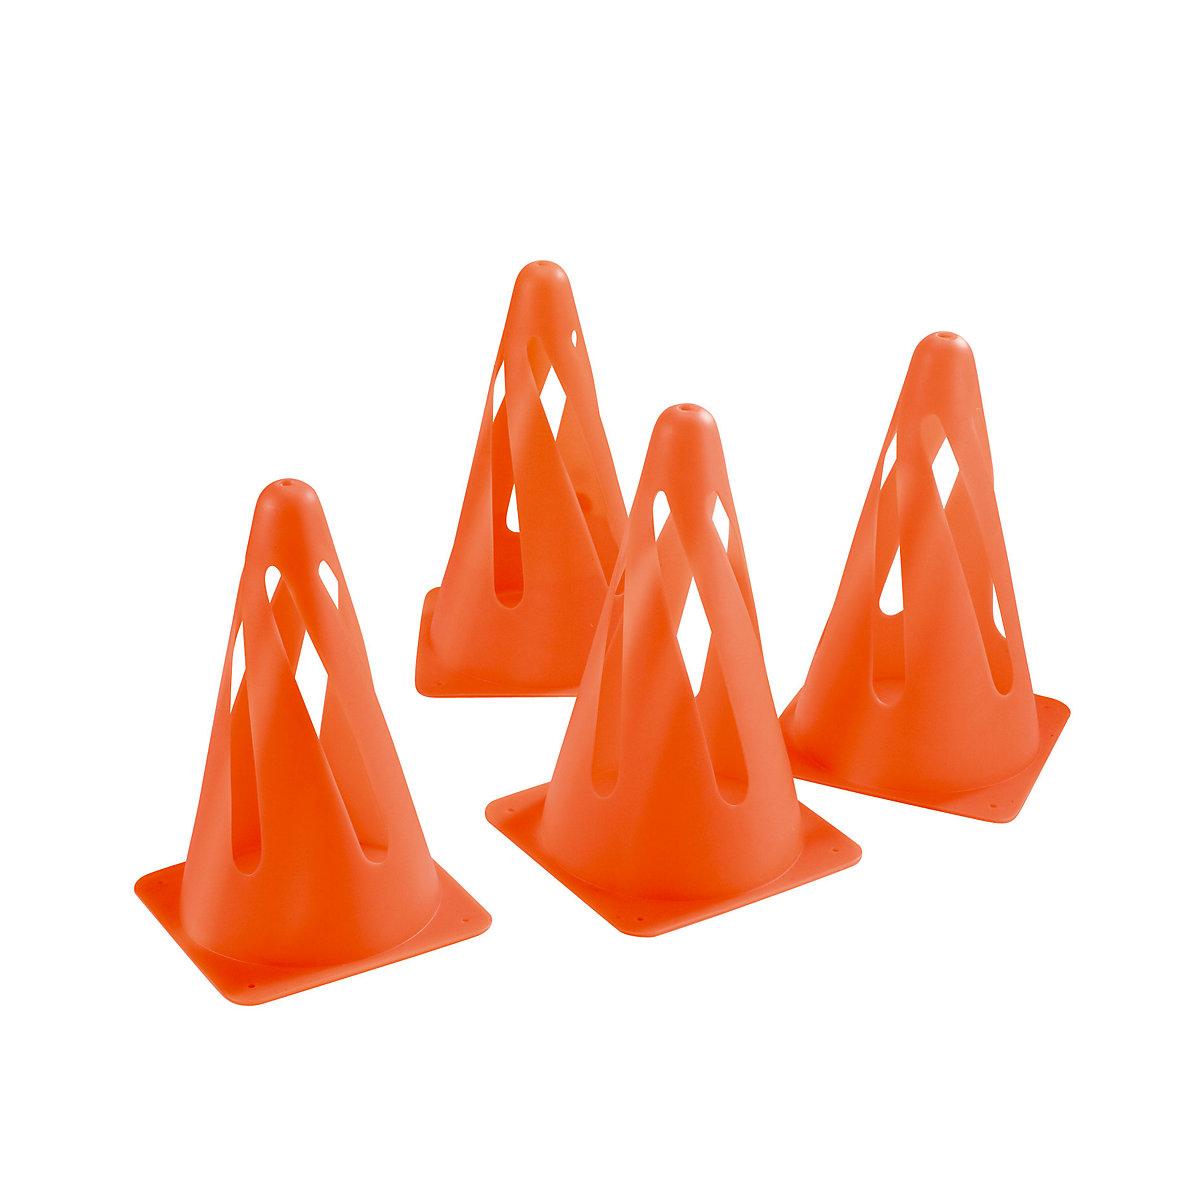 4 Safety Cones